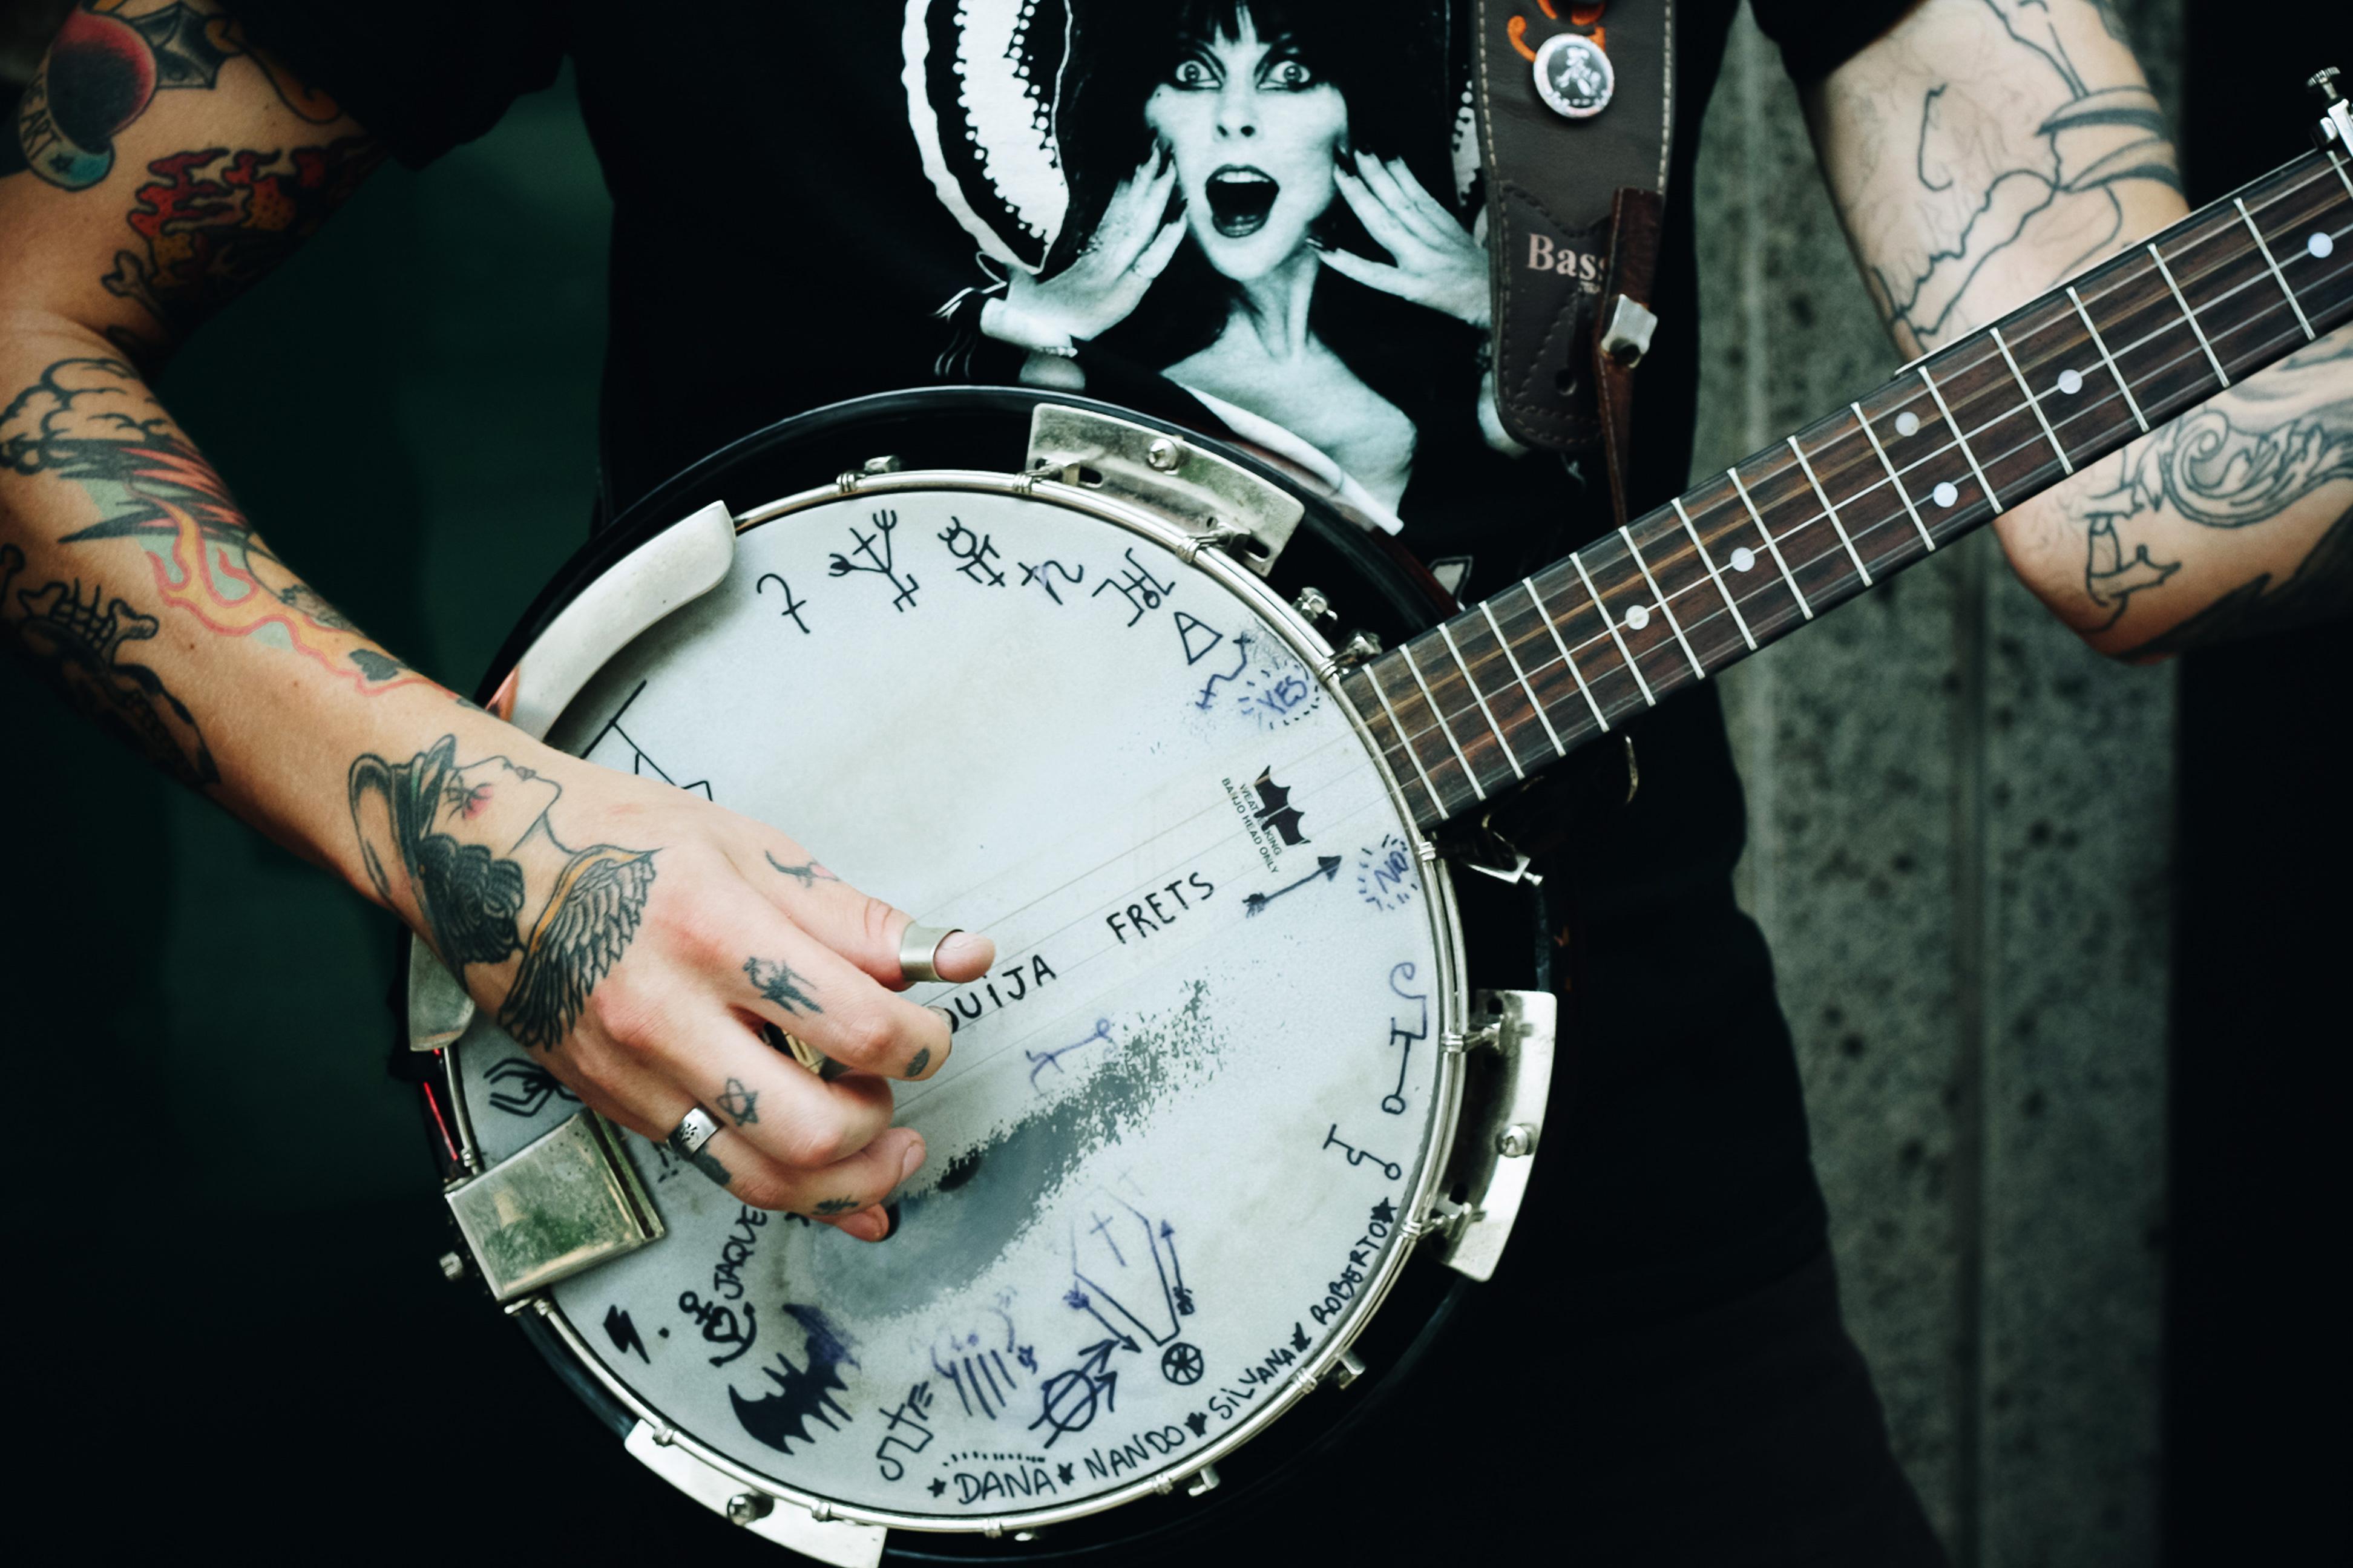 Images Gratuites La Musique Guitare Acoustique Tatouage En